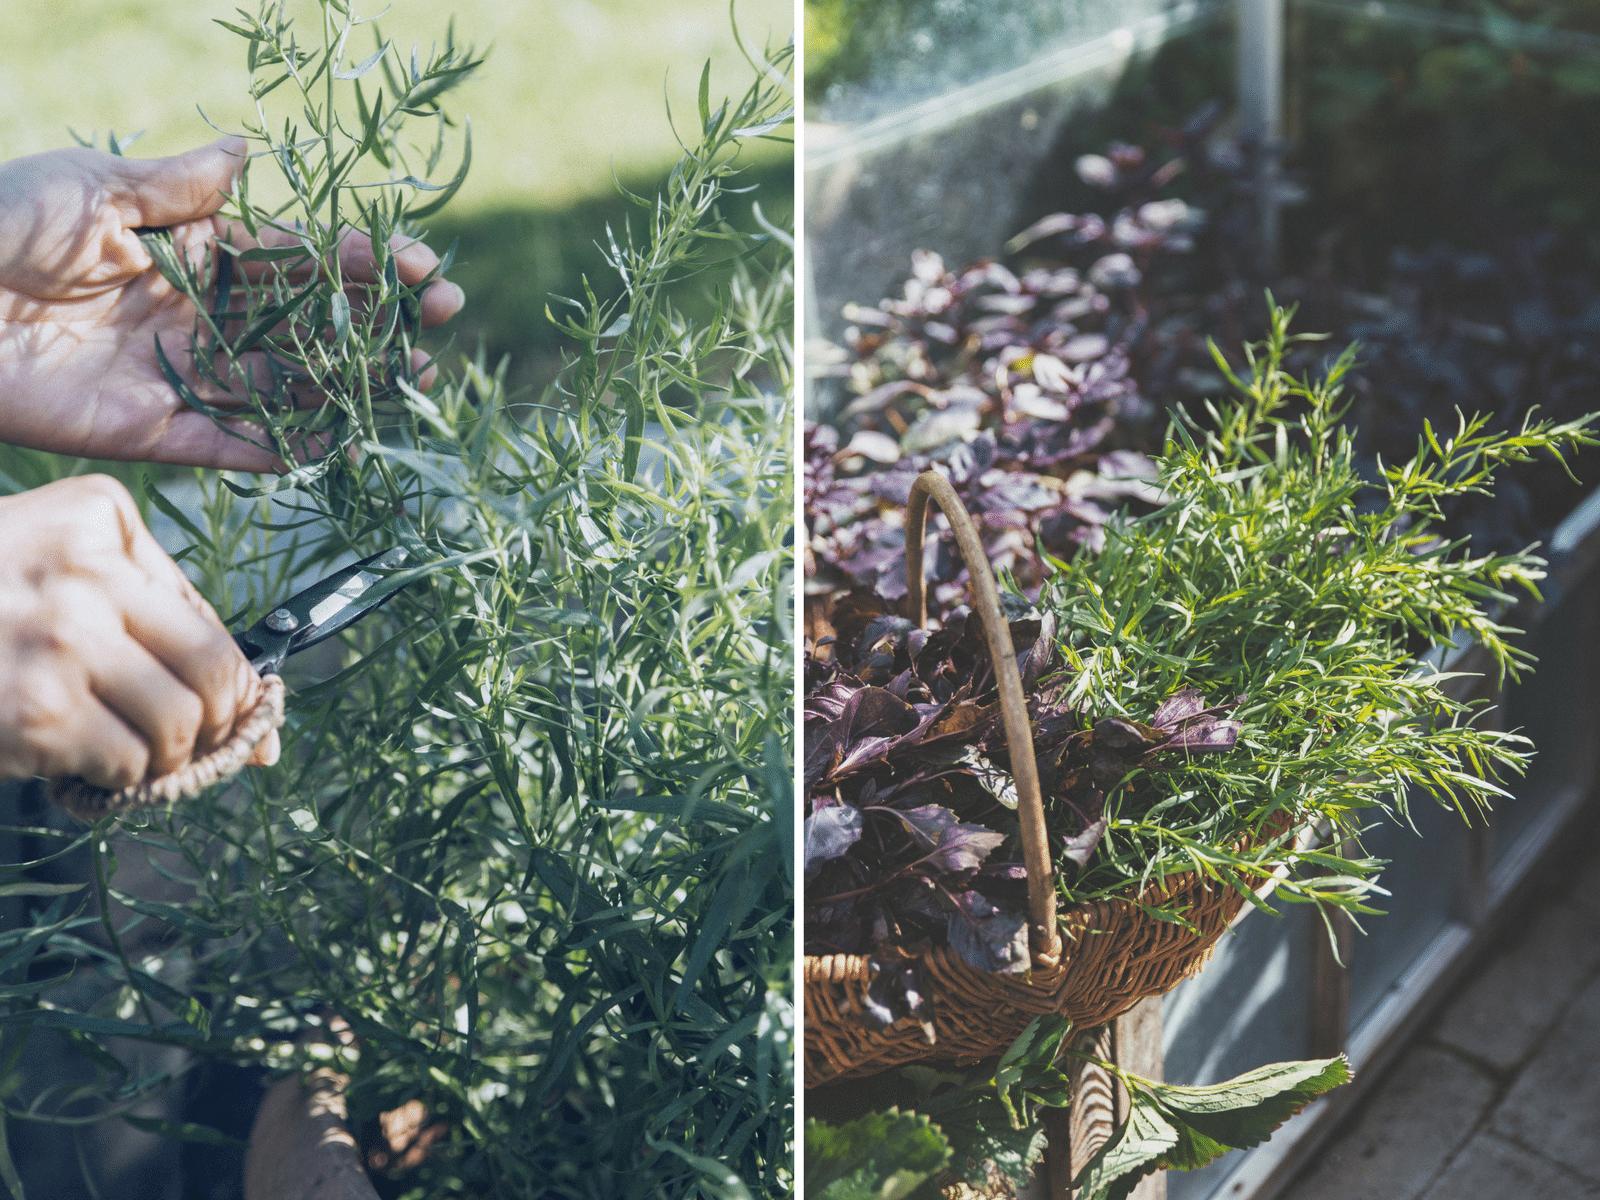 tørre krydderurter, basilikum, mynte og estragon